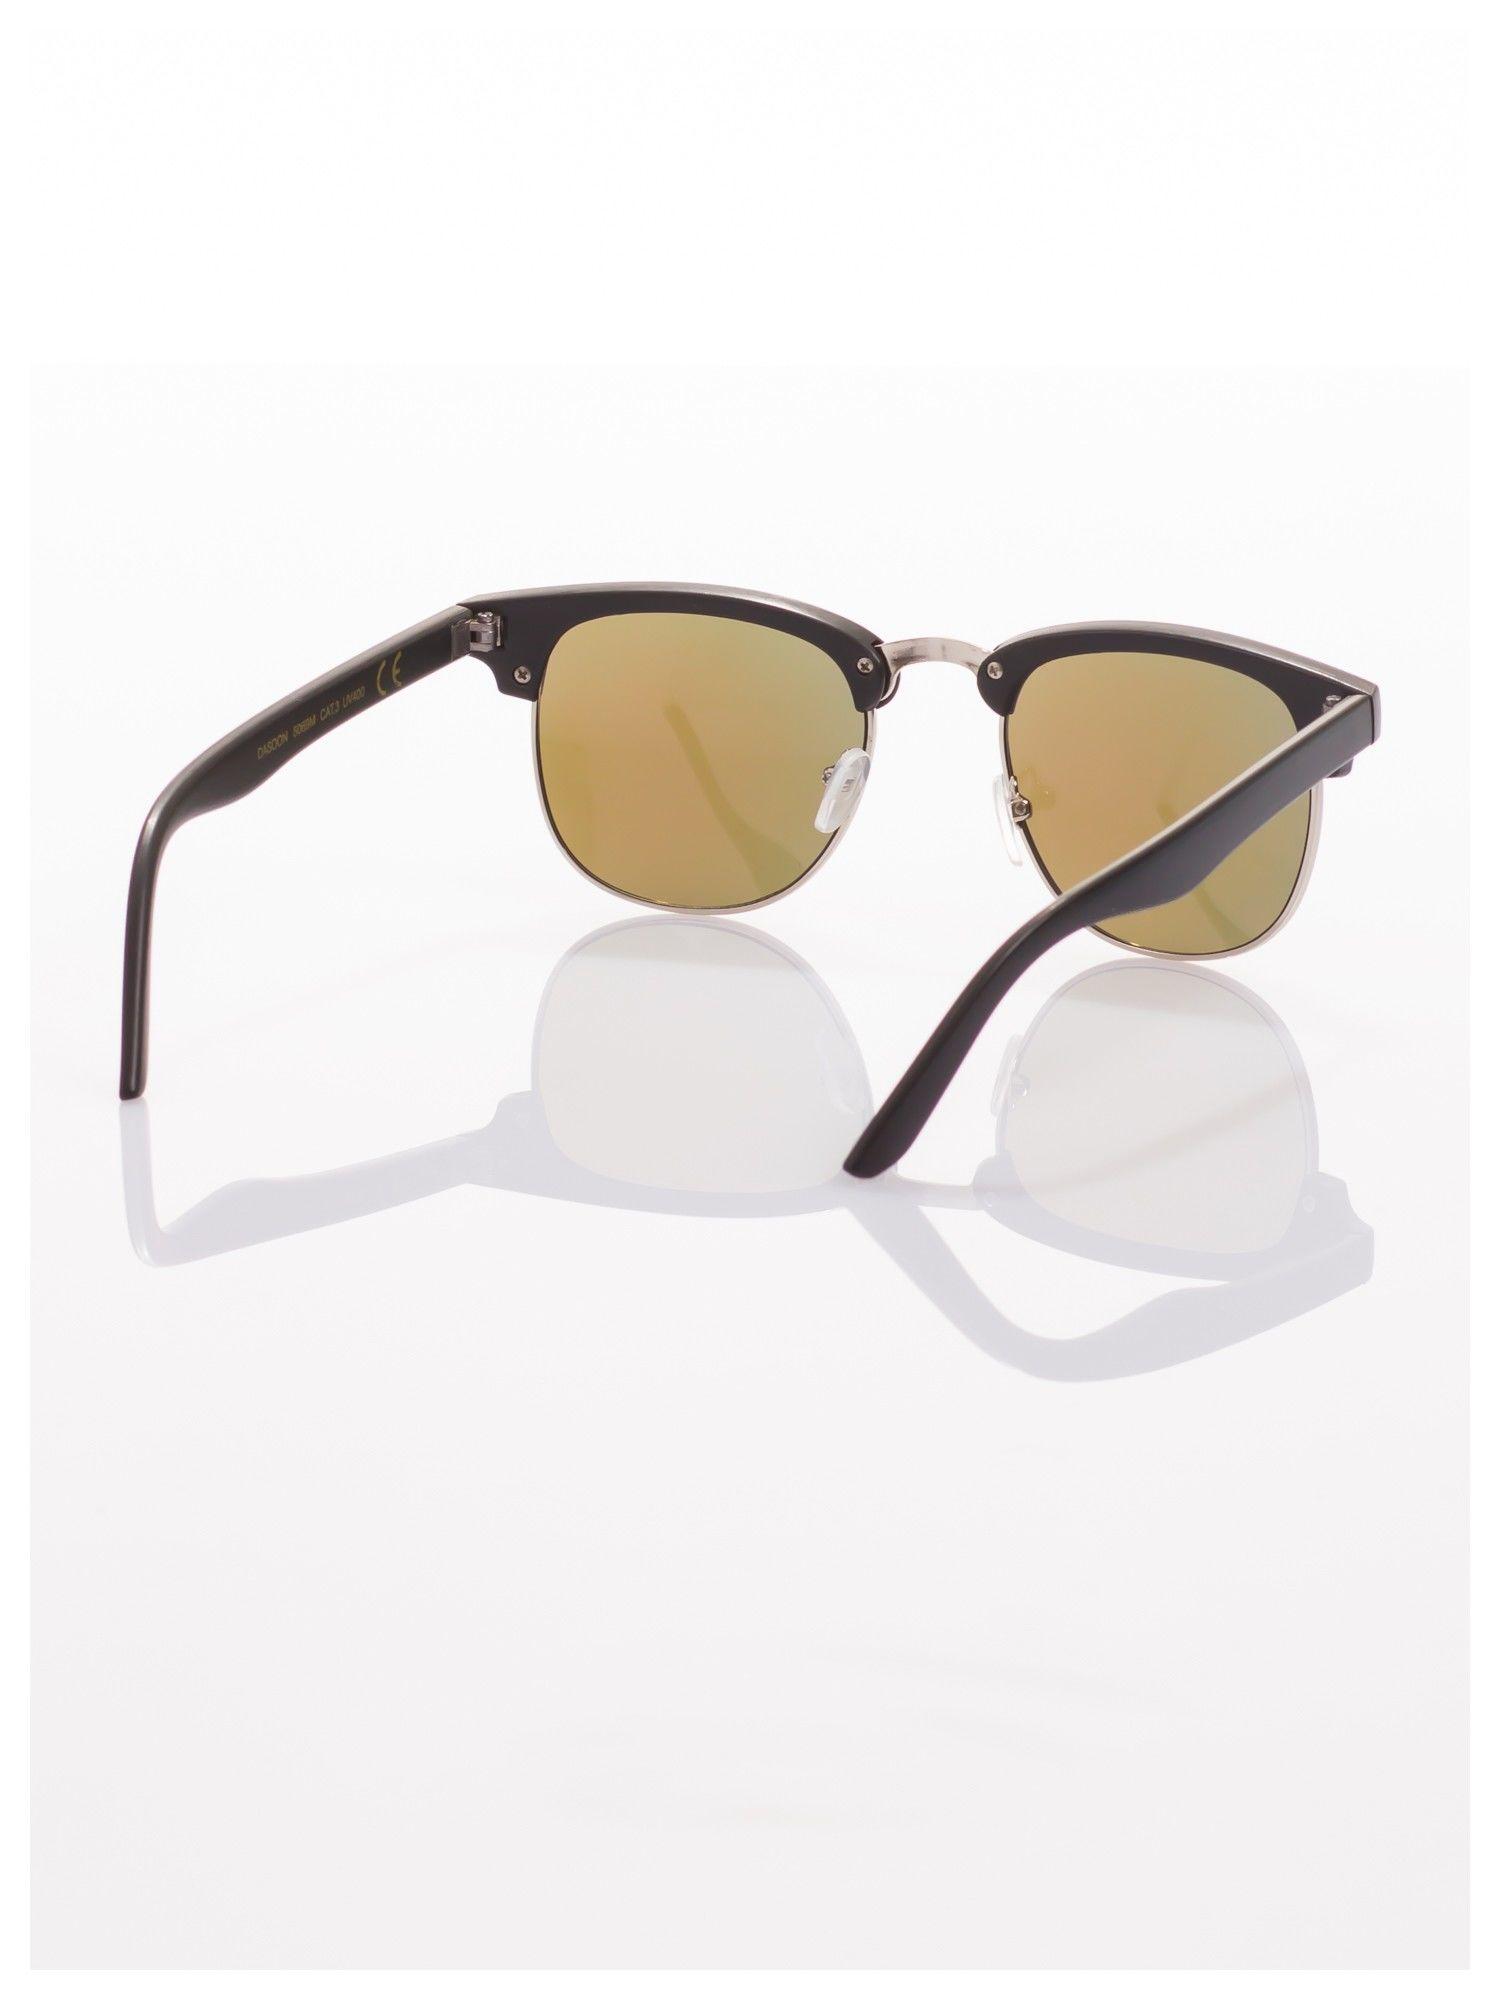 Czarne okulary przeciwsłoneczne lustrzanki typu CLUBMASTER                                   zdj.                                  3